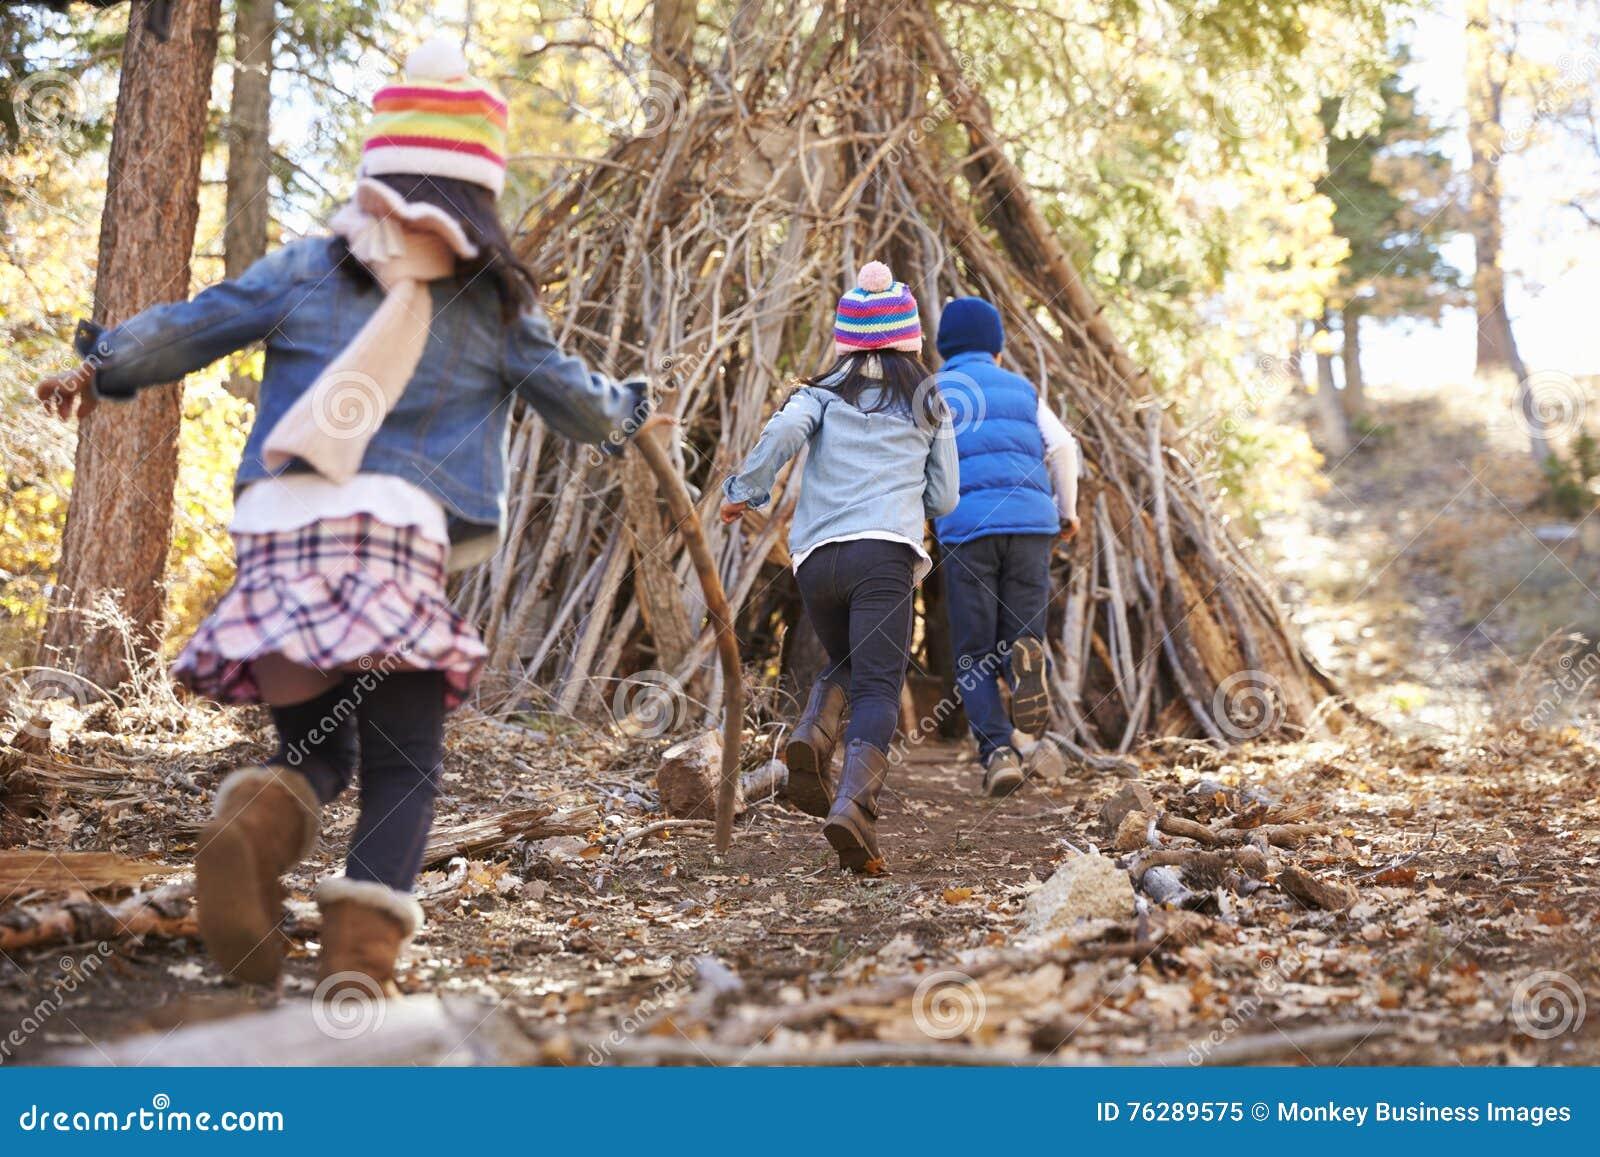 Três crianças jogam fora do abrigo feito dos ramos em uma floresta